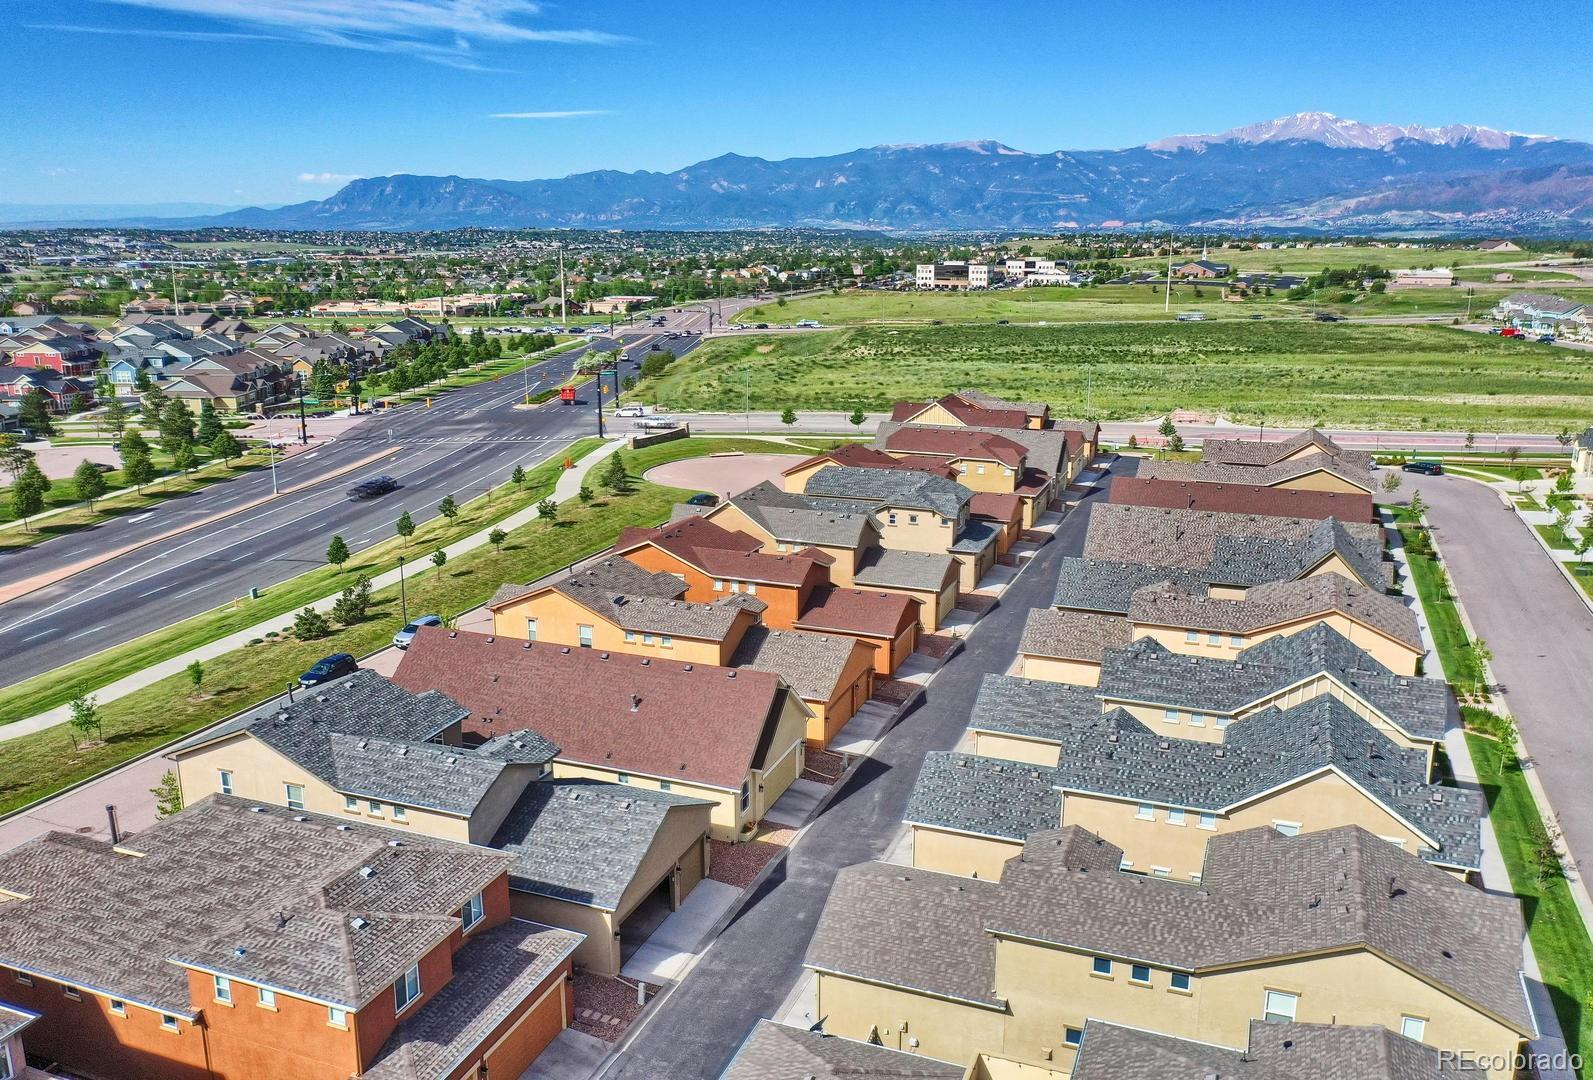 MLS# 6225803 - 29 - 5568 Blue Moon Drive, Colorado Springs, CO 80924